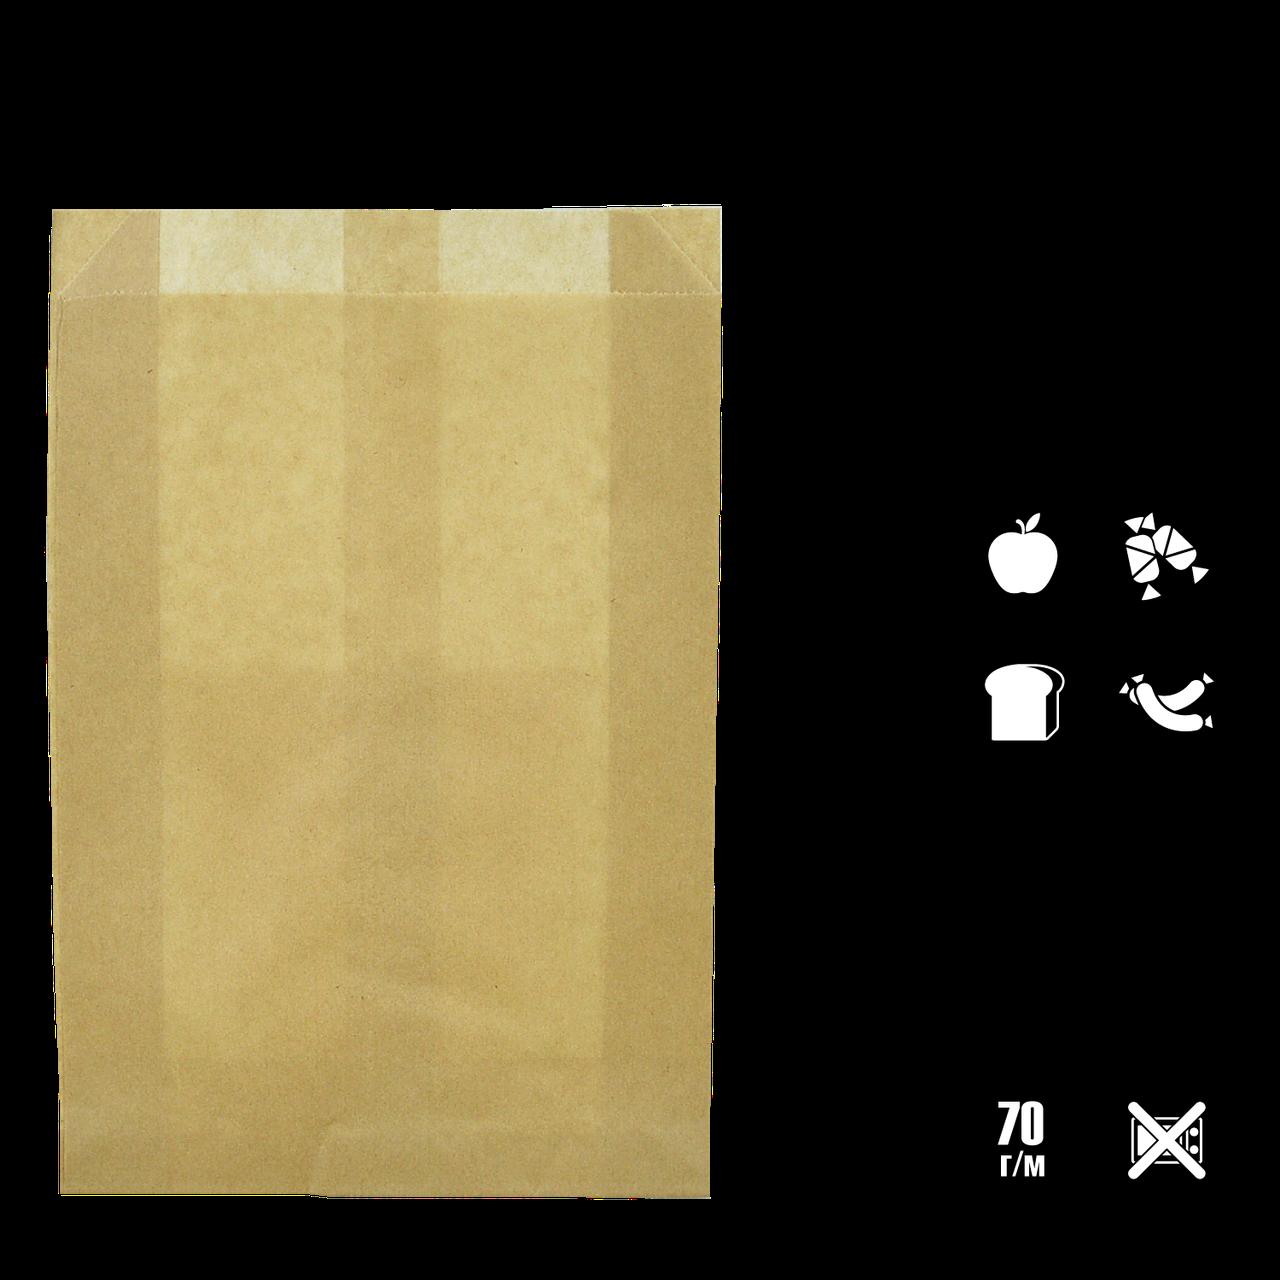 Бумажный Пакет Крафт 390х270х70мм (ВхШхГ) 70г/м² 100шт (550)